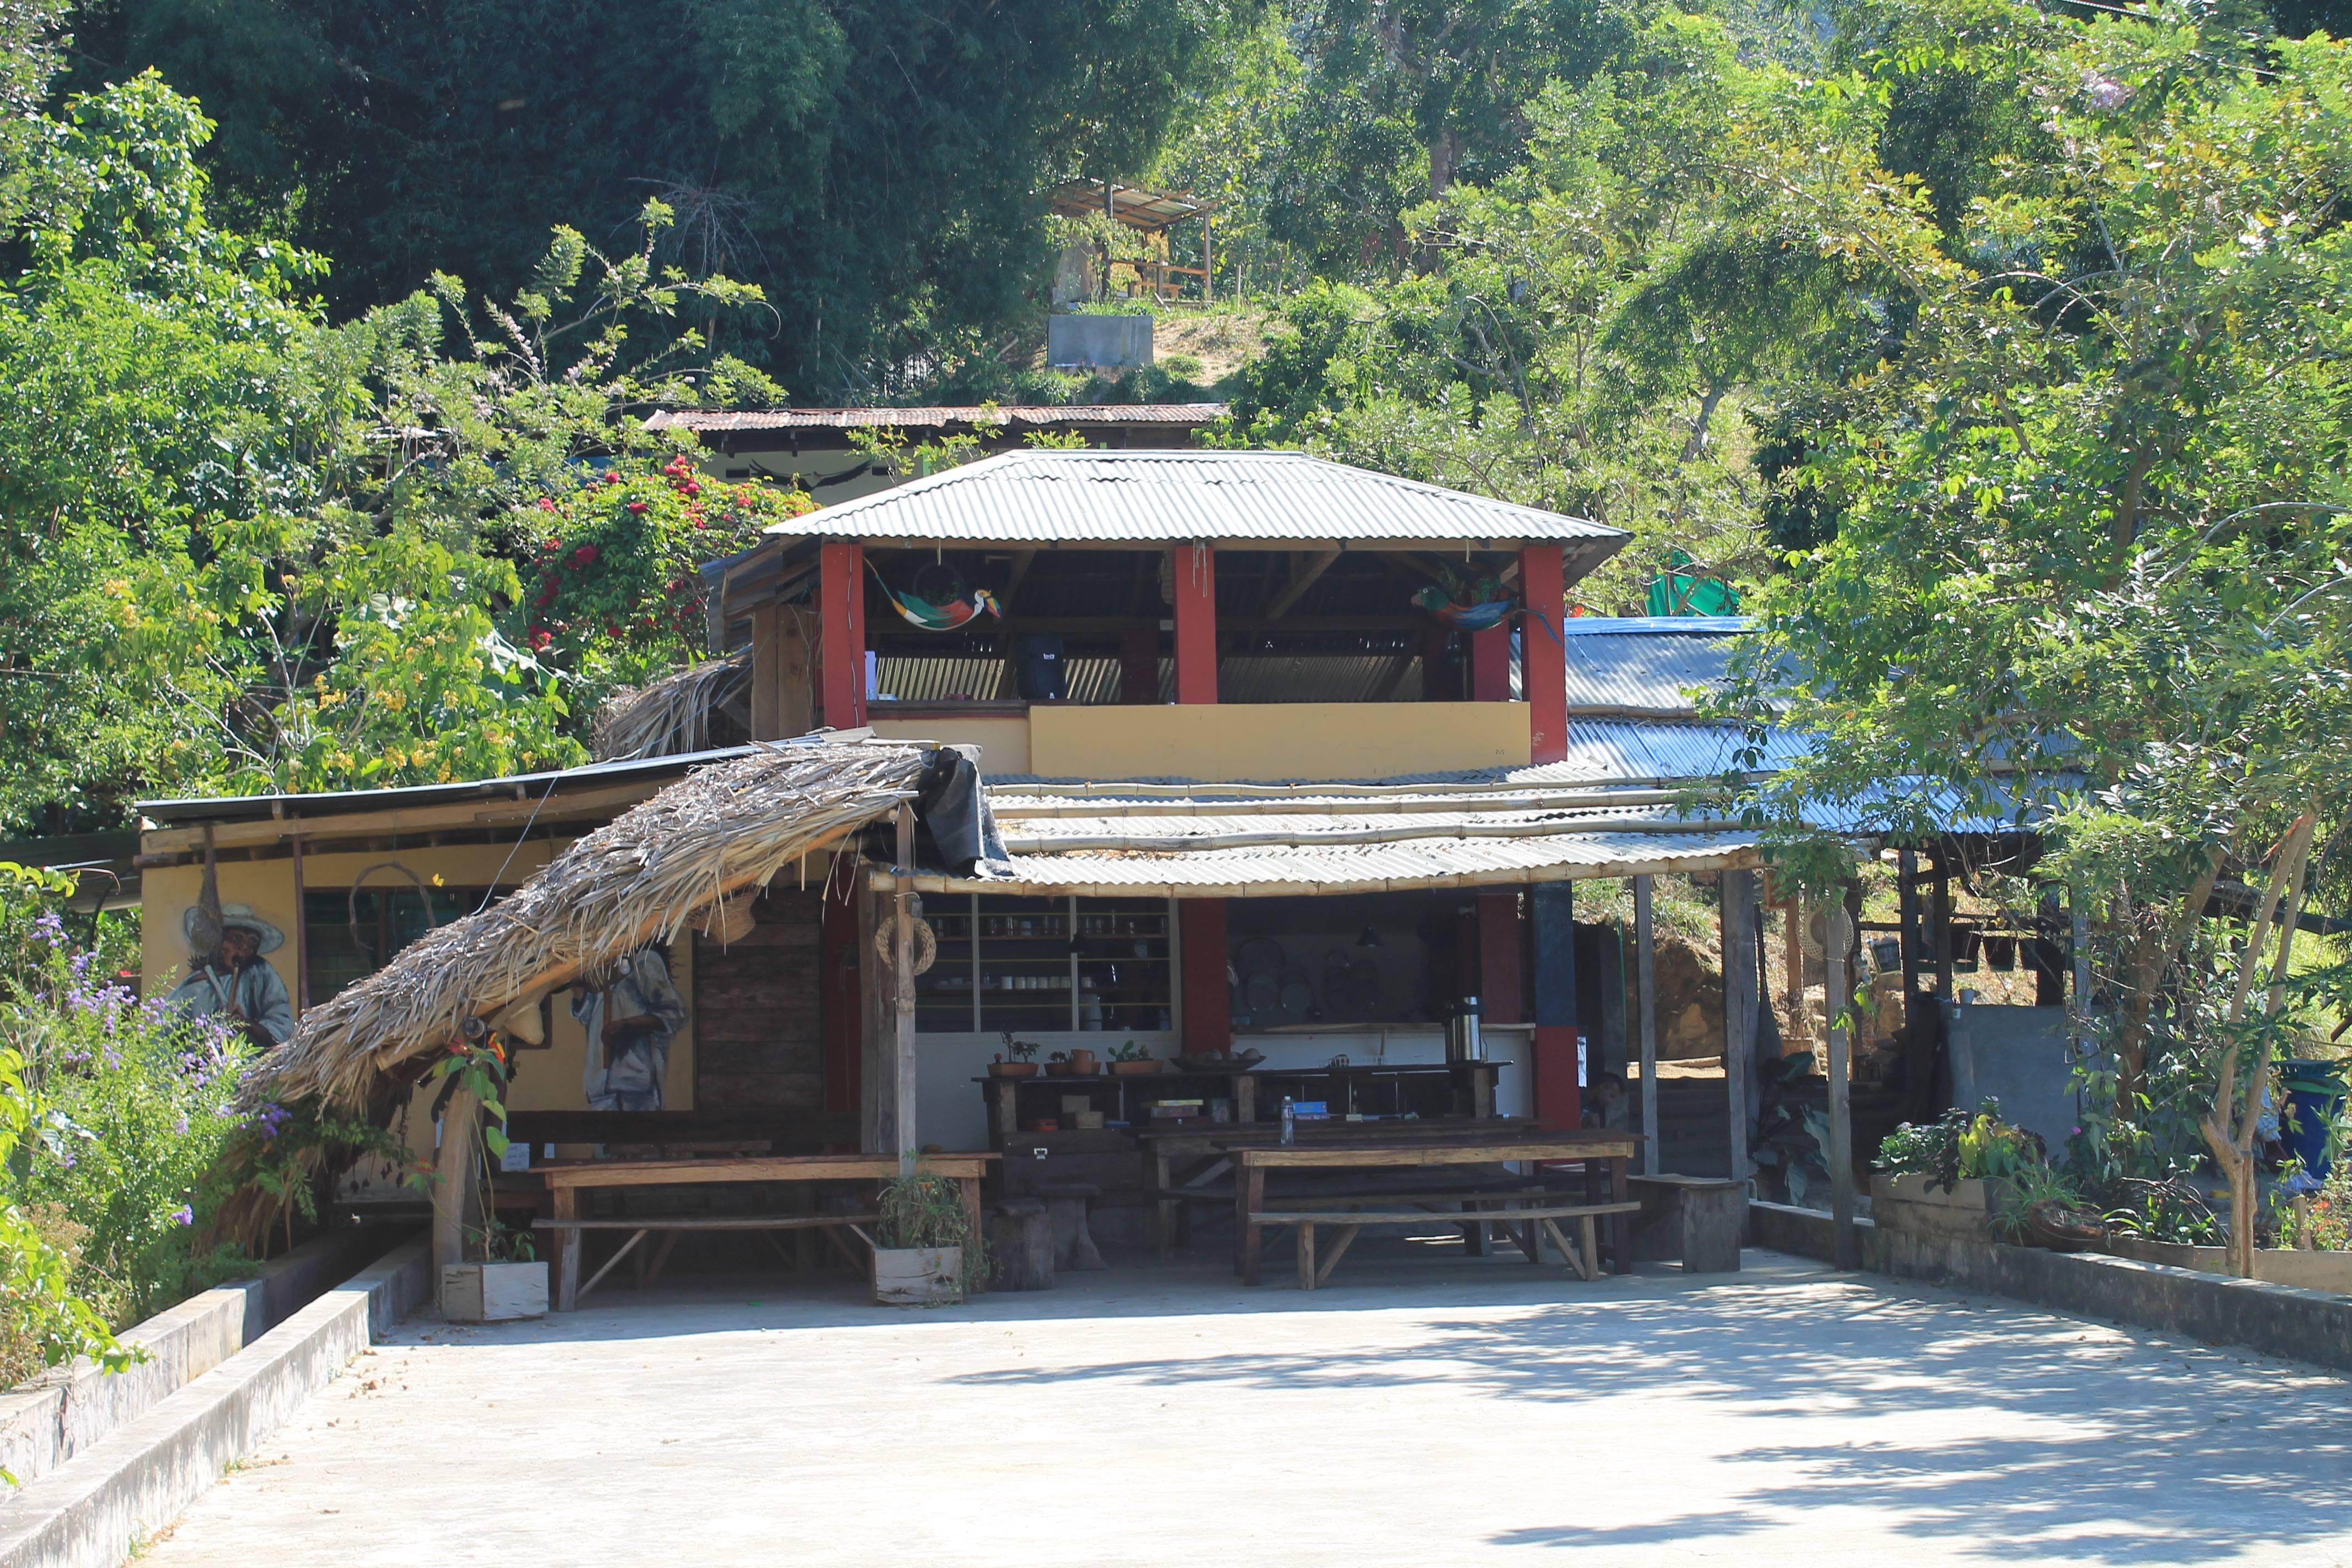 Photo 1: Un hostel atypique a Minca